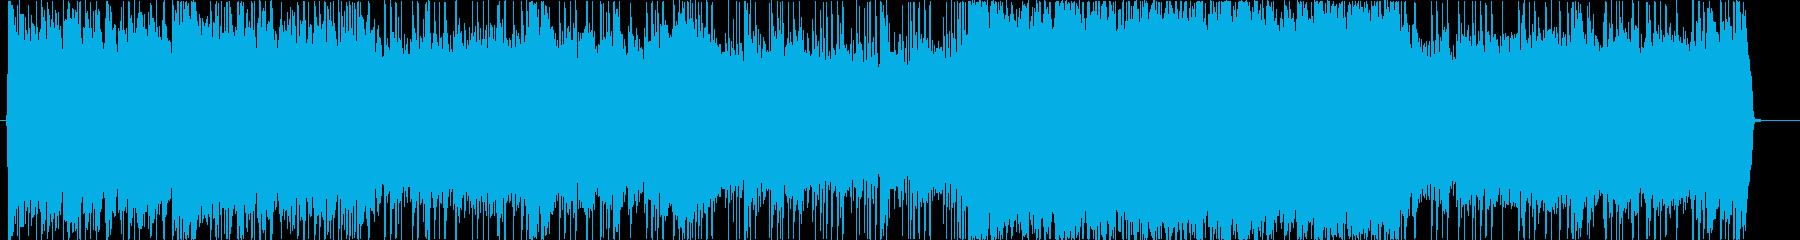 ロック調の疾走感のあるインストの再生済みの波形